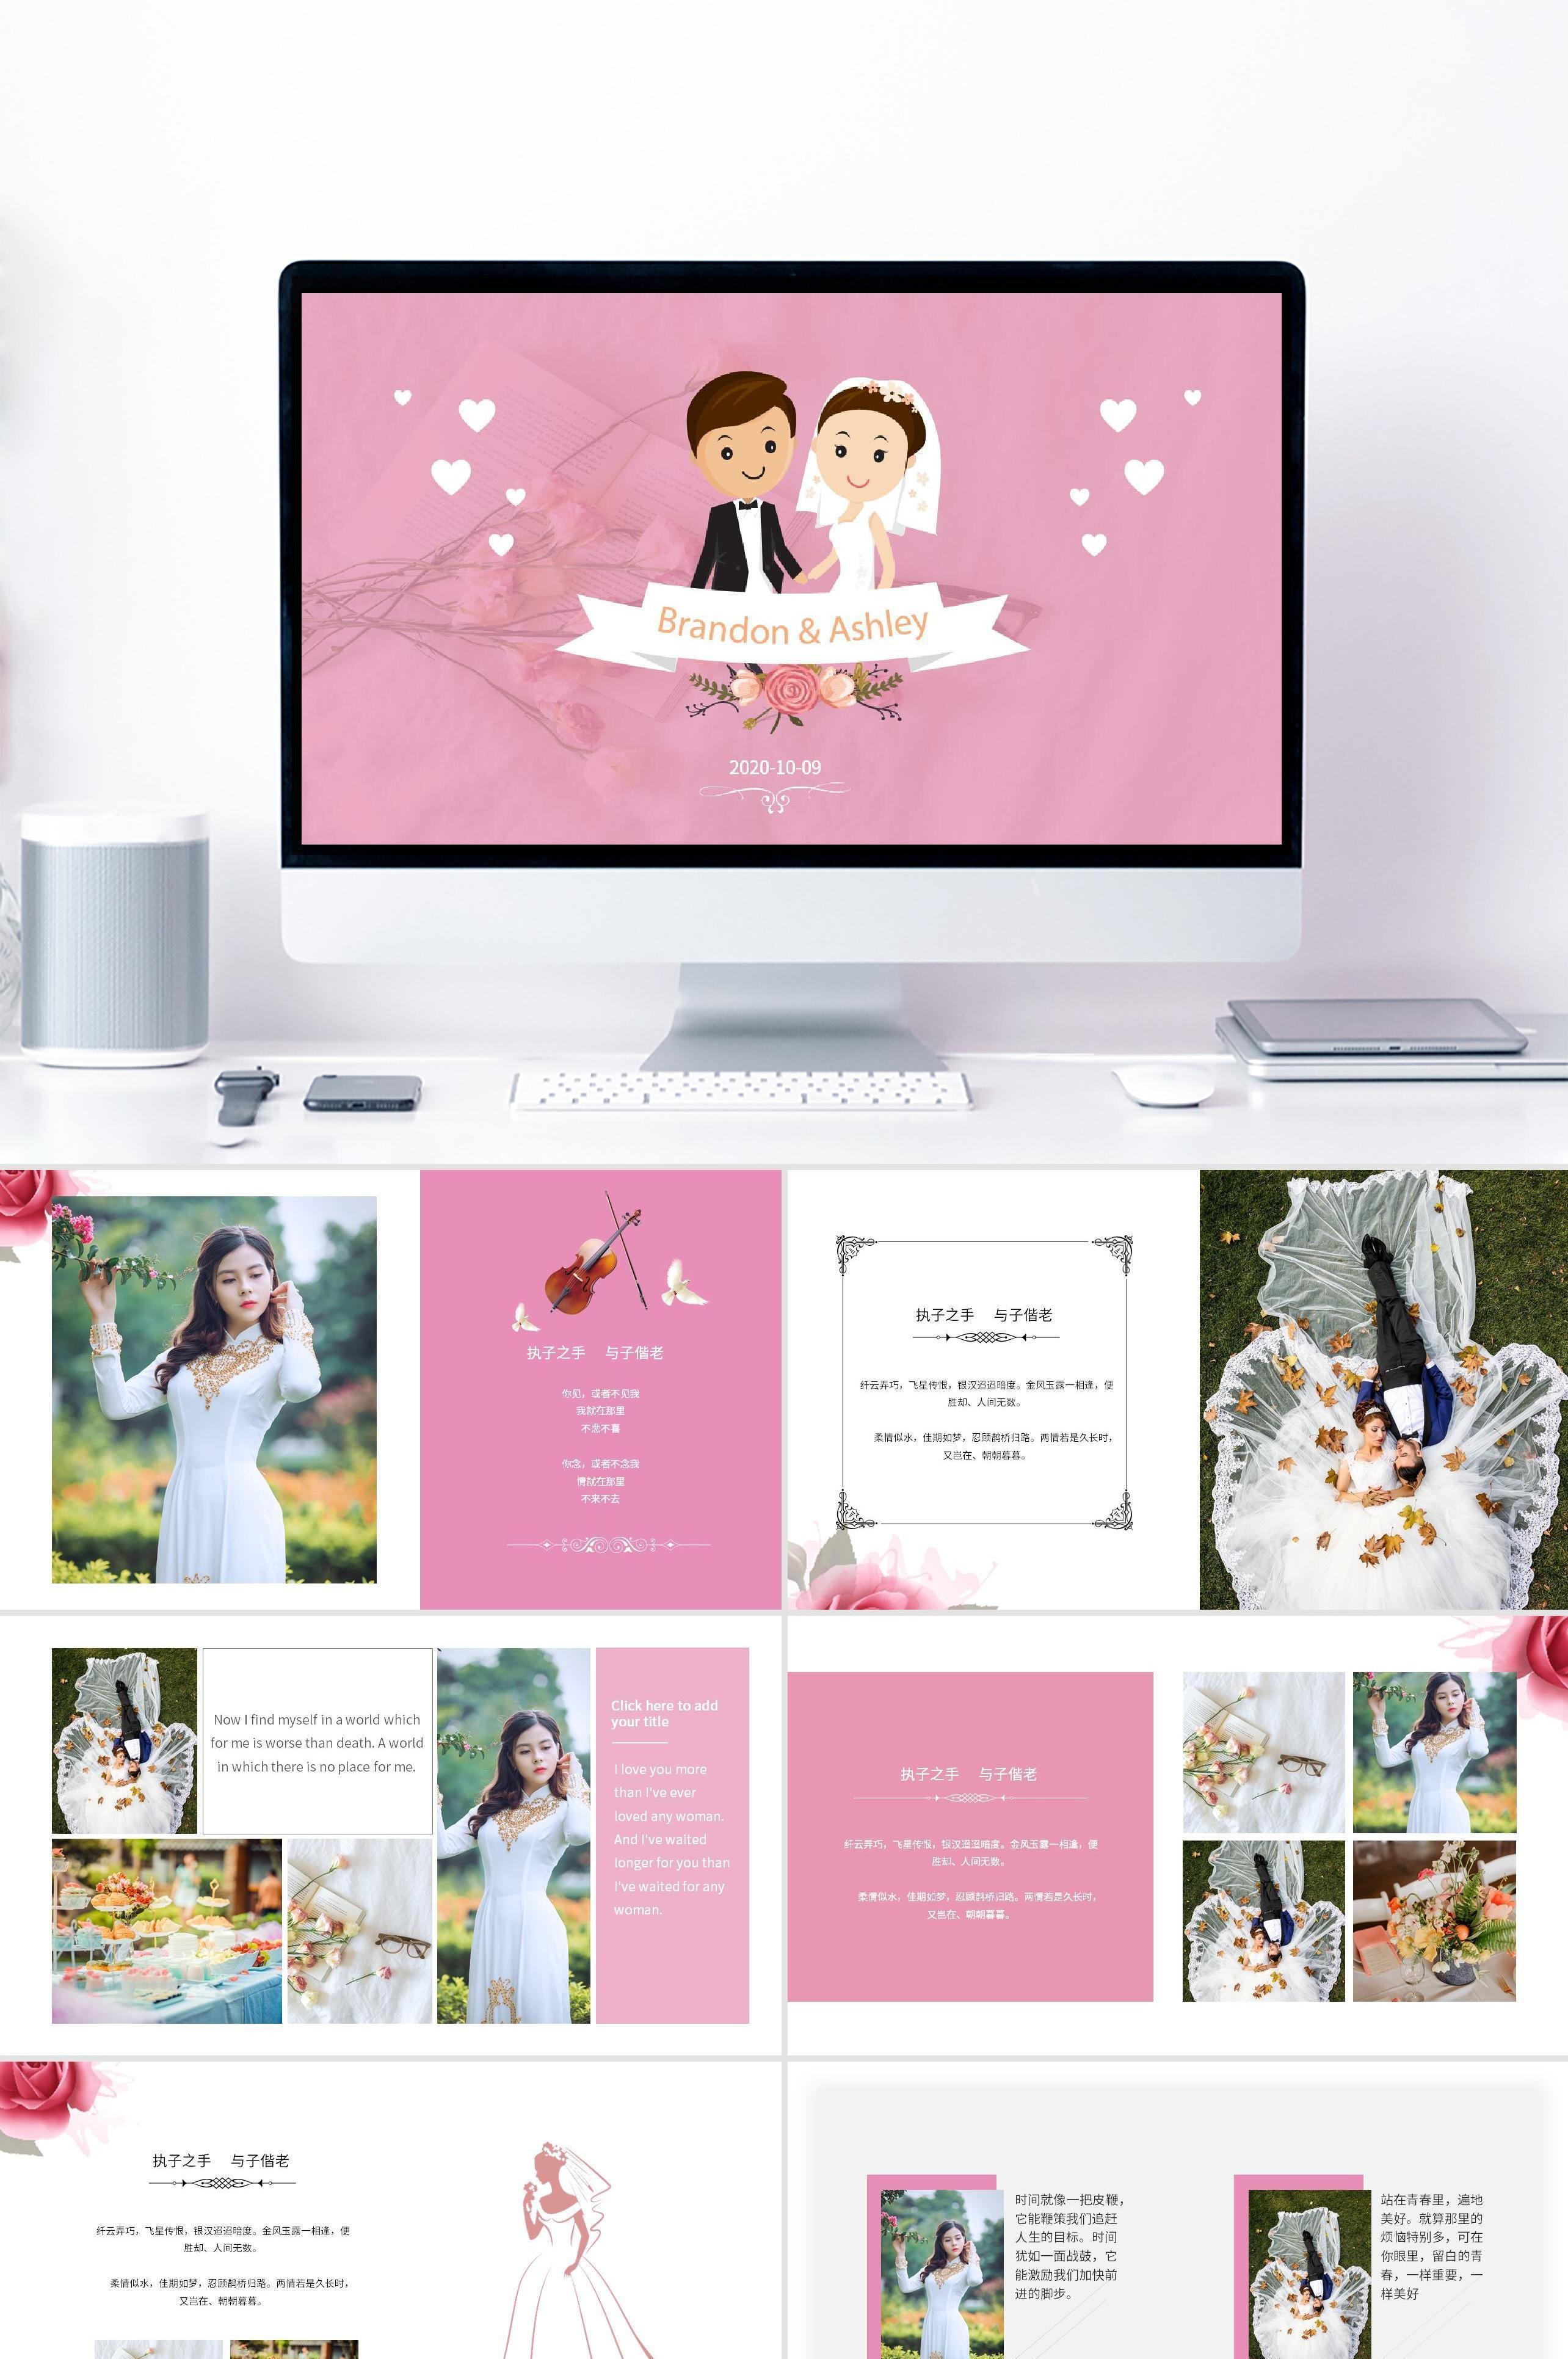 杂志风结婚婚礼典礼电子相册PPT模板